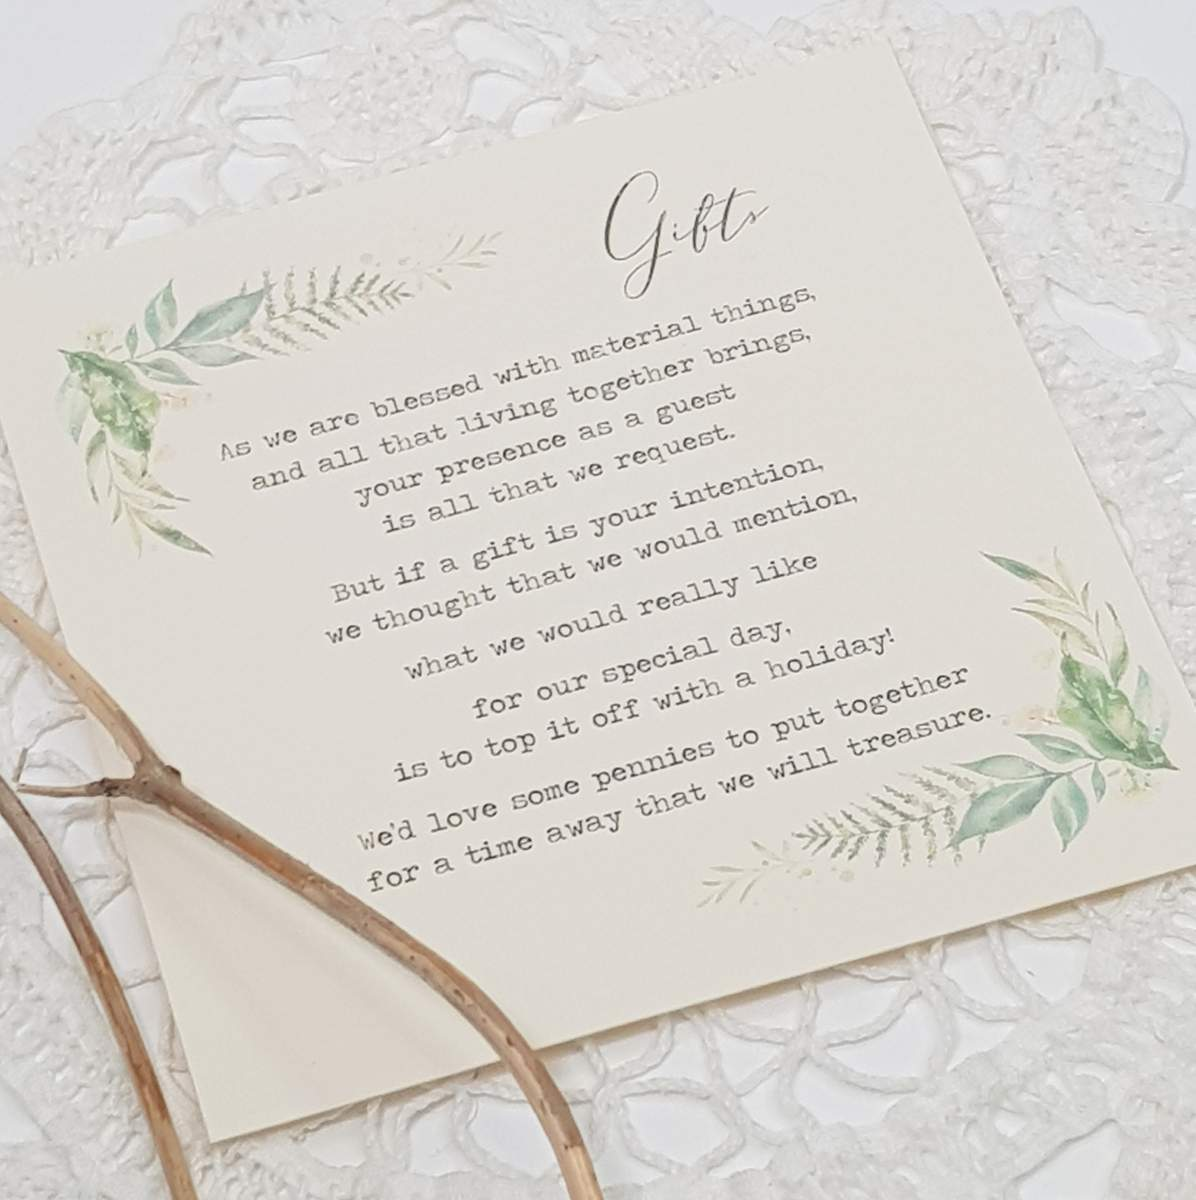 wedding gift wish card with a pretty greenery leaf design